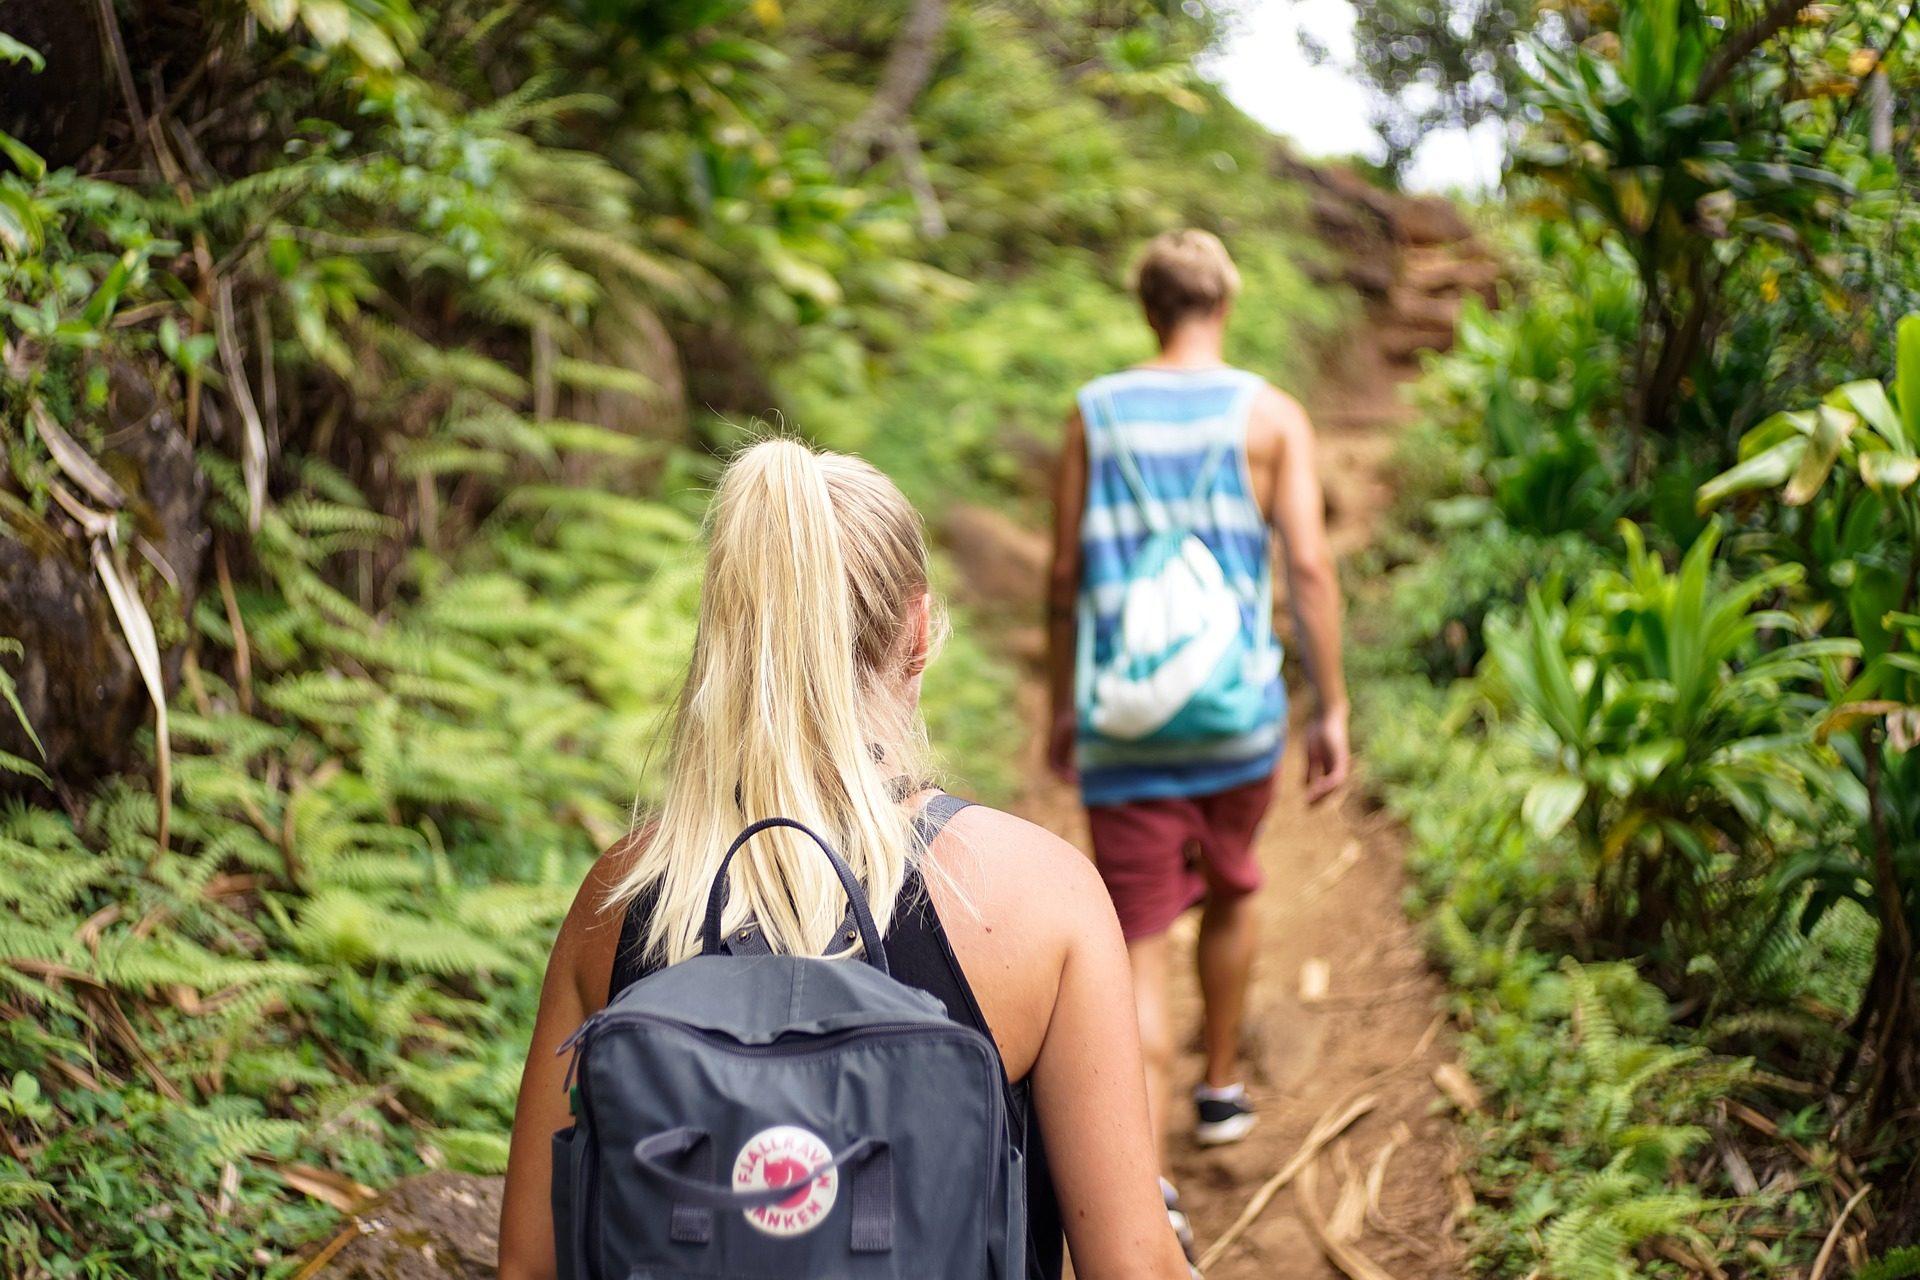 camminatori, Strada, passaggio, vegetazione, uomo, donna, Zaini - Sfondi HD - Professor-falken.com